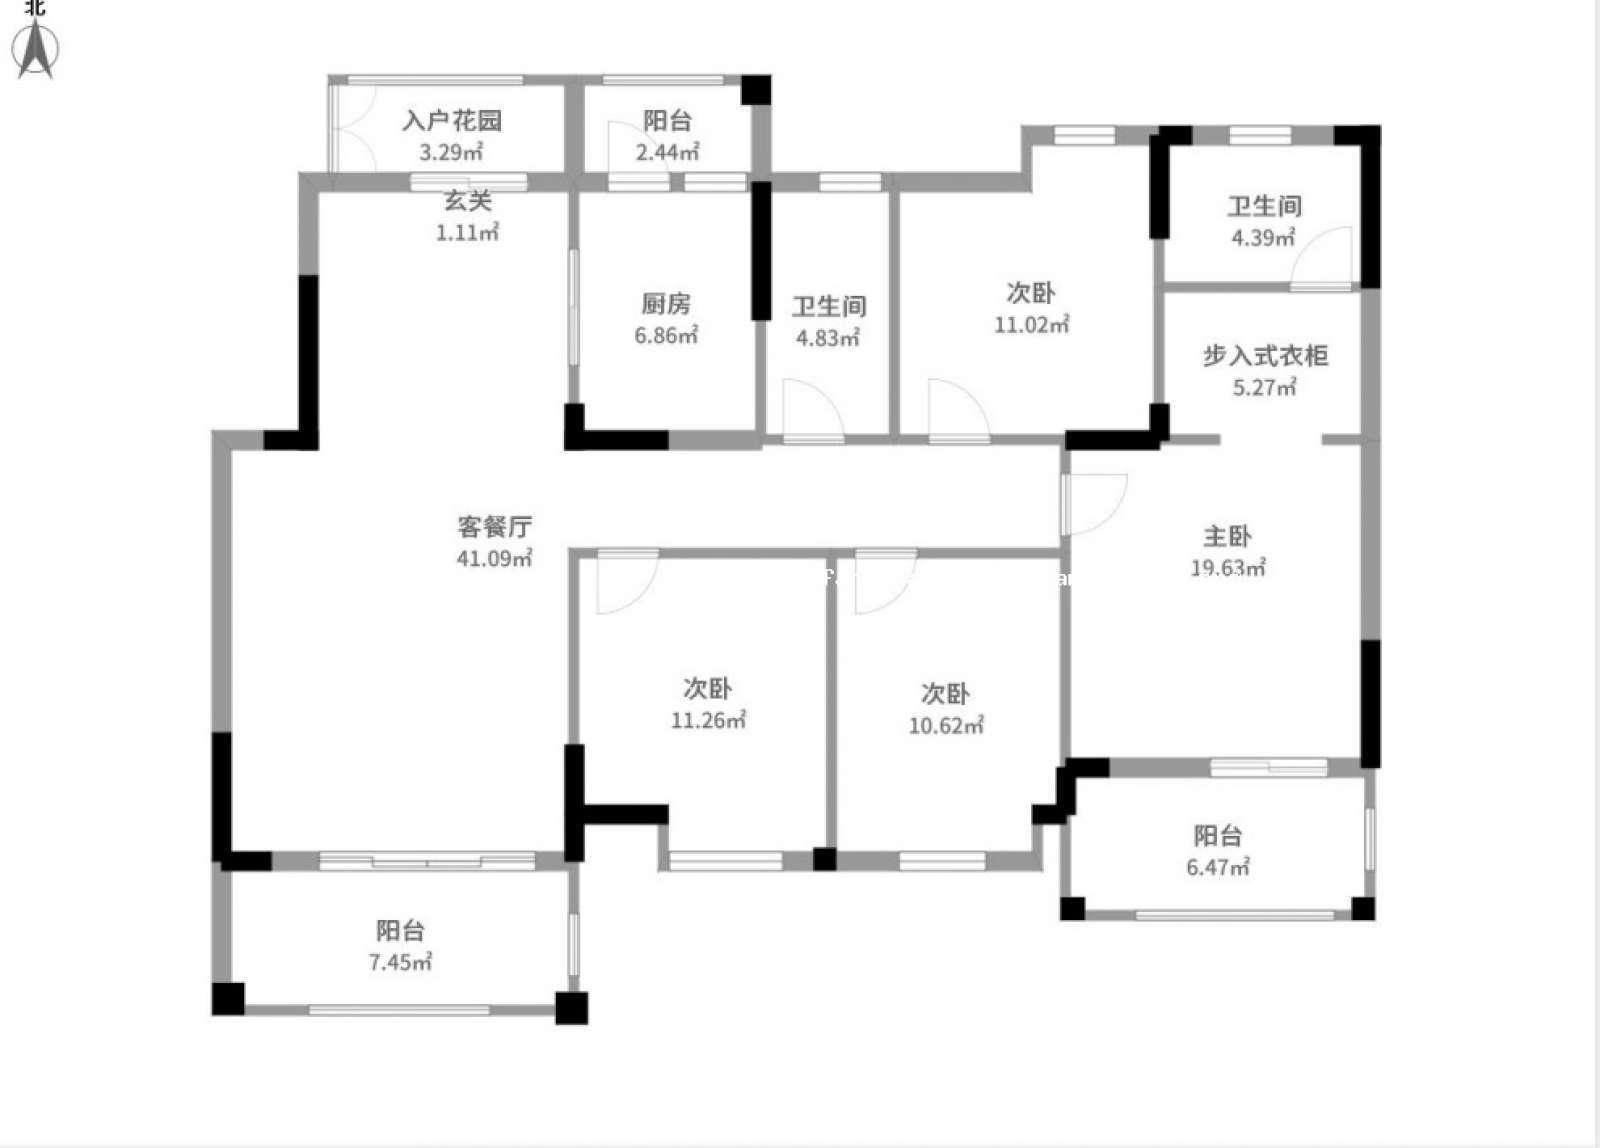 优品尚城 4室2厅146.8㎡